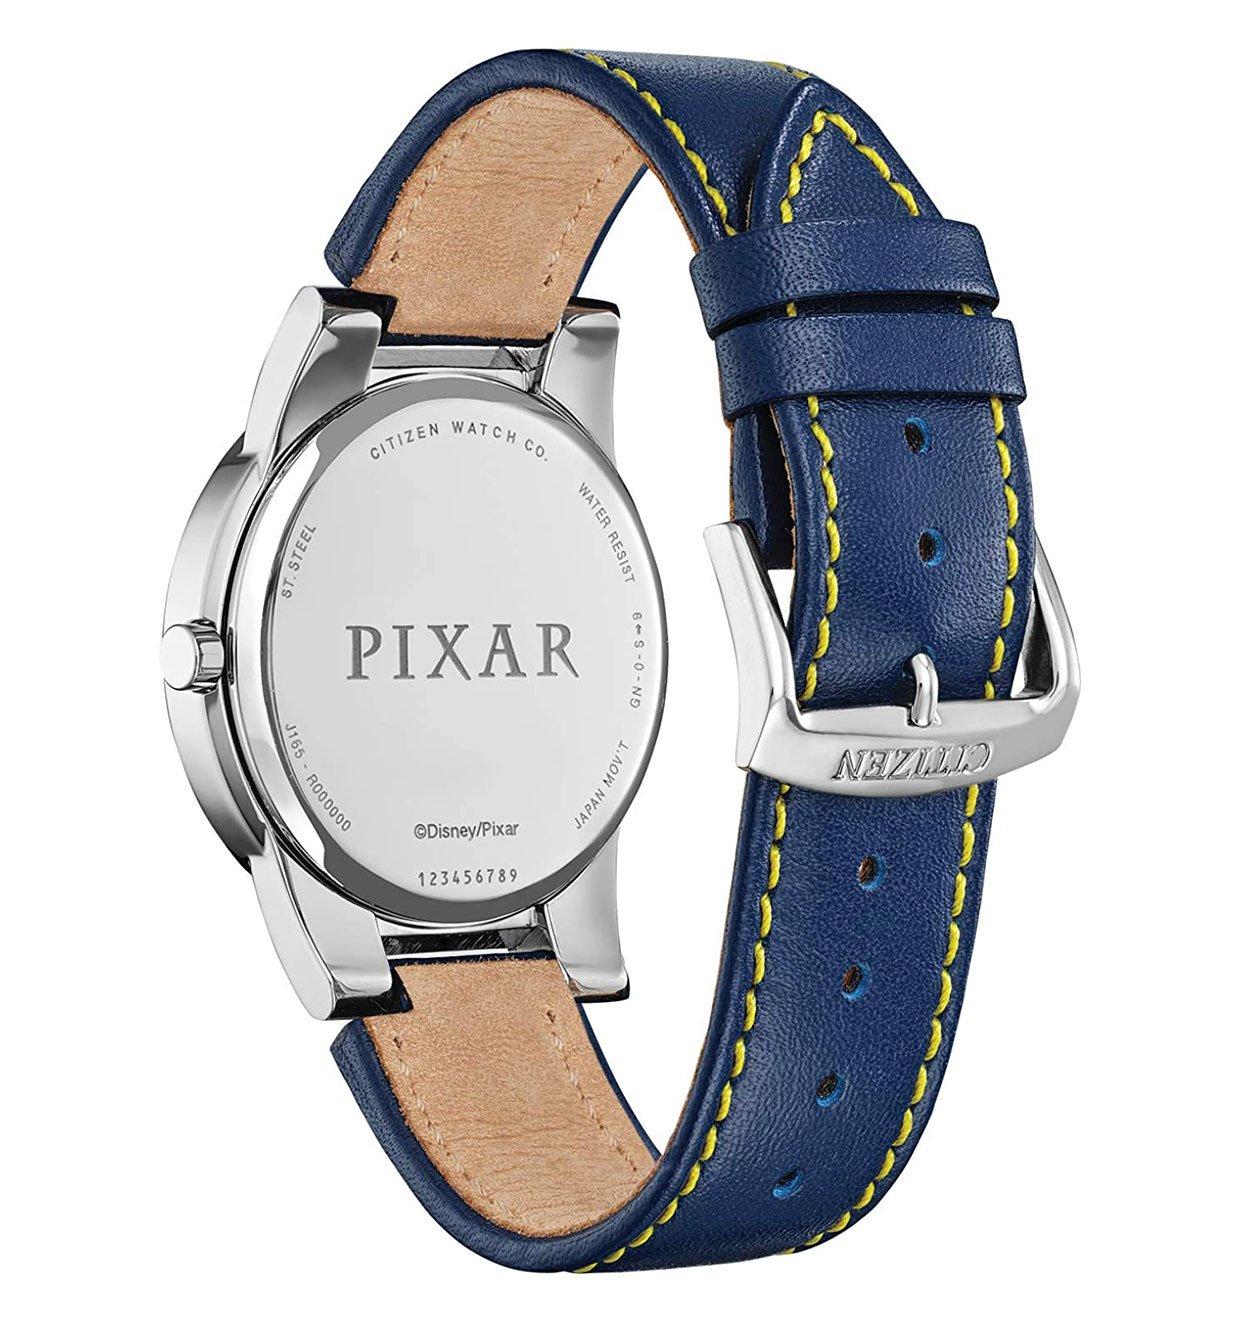 Citizen x Pixar Dress Watch